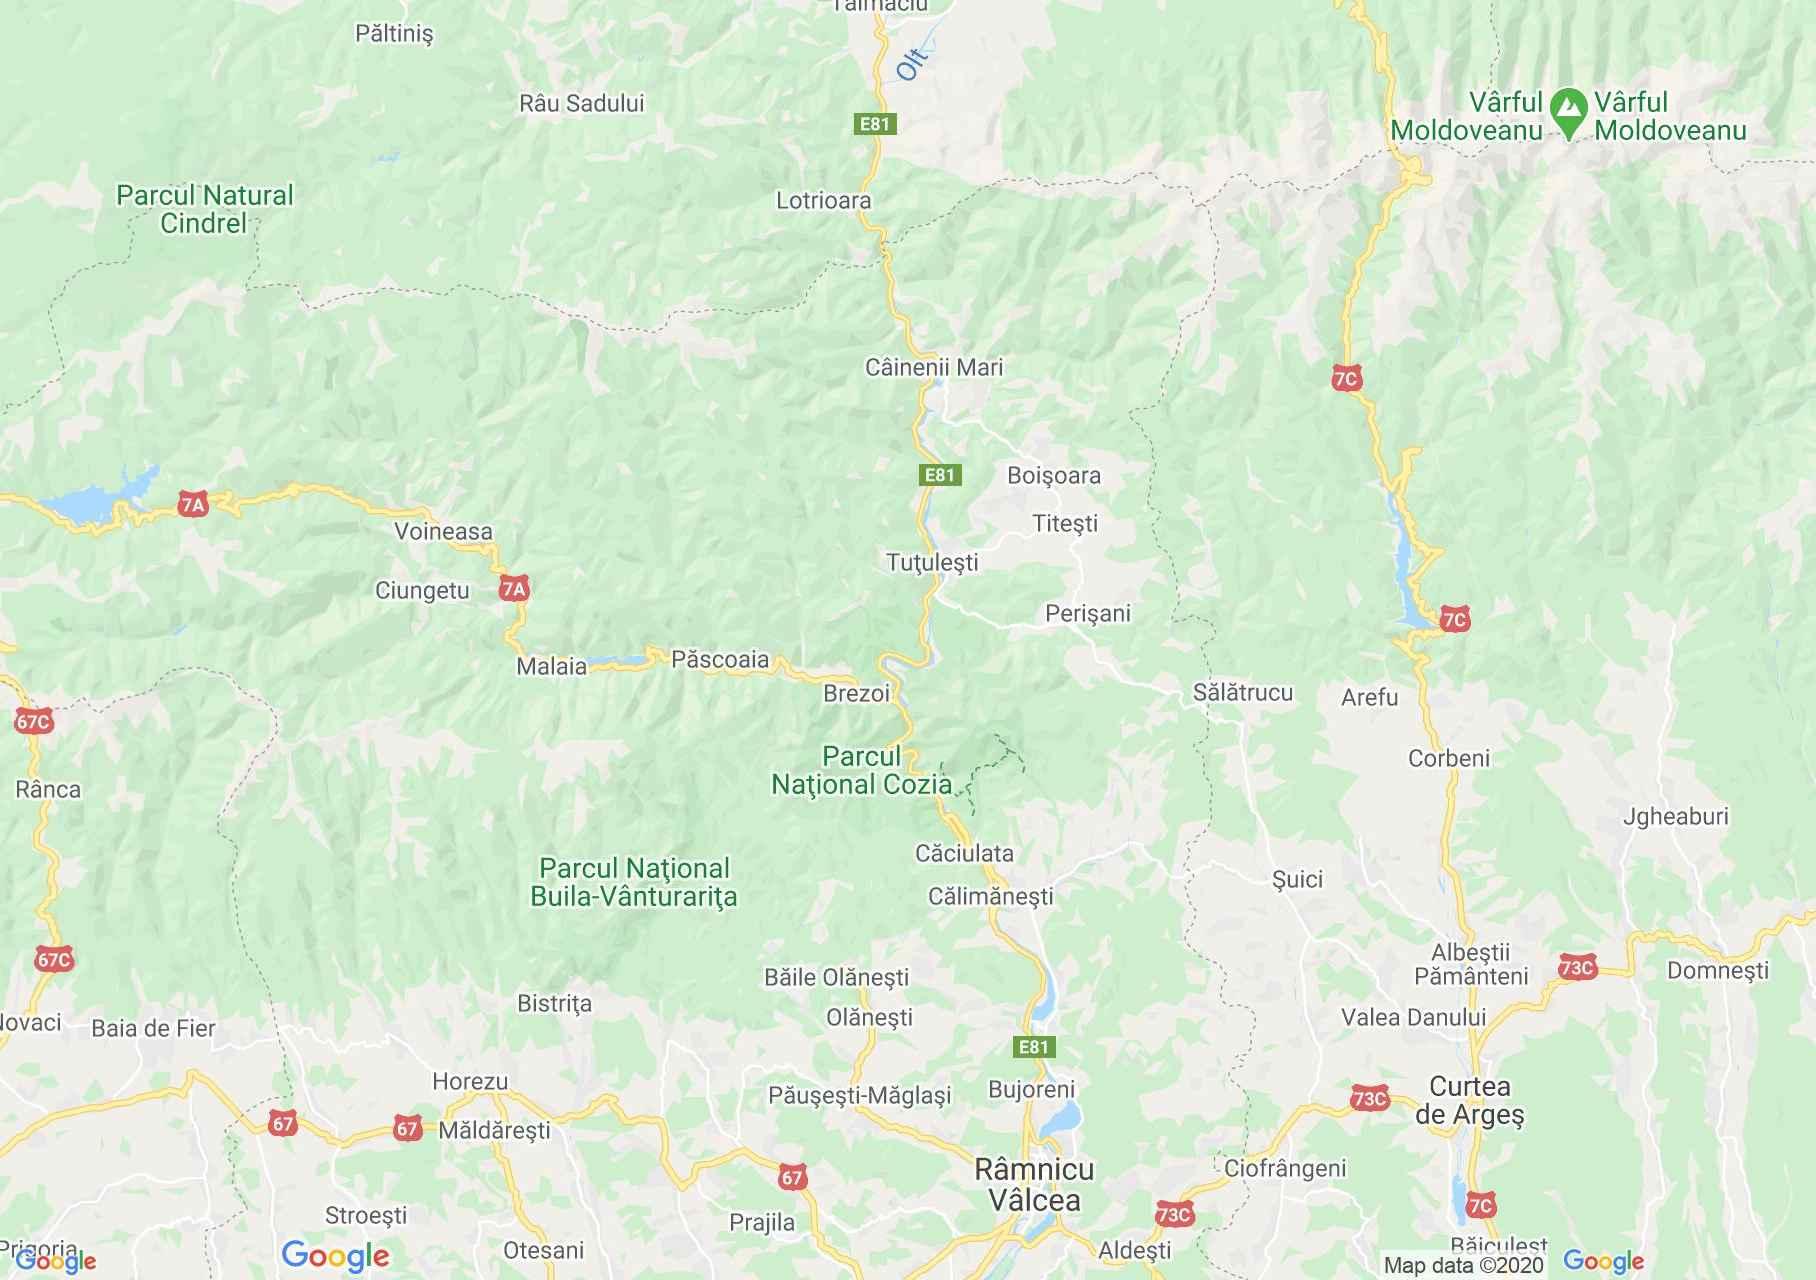 Valea Oltului, Harta turistică interactivă